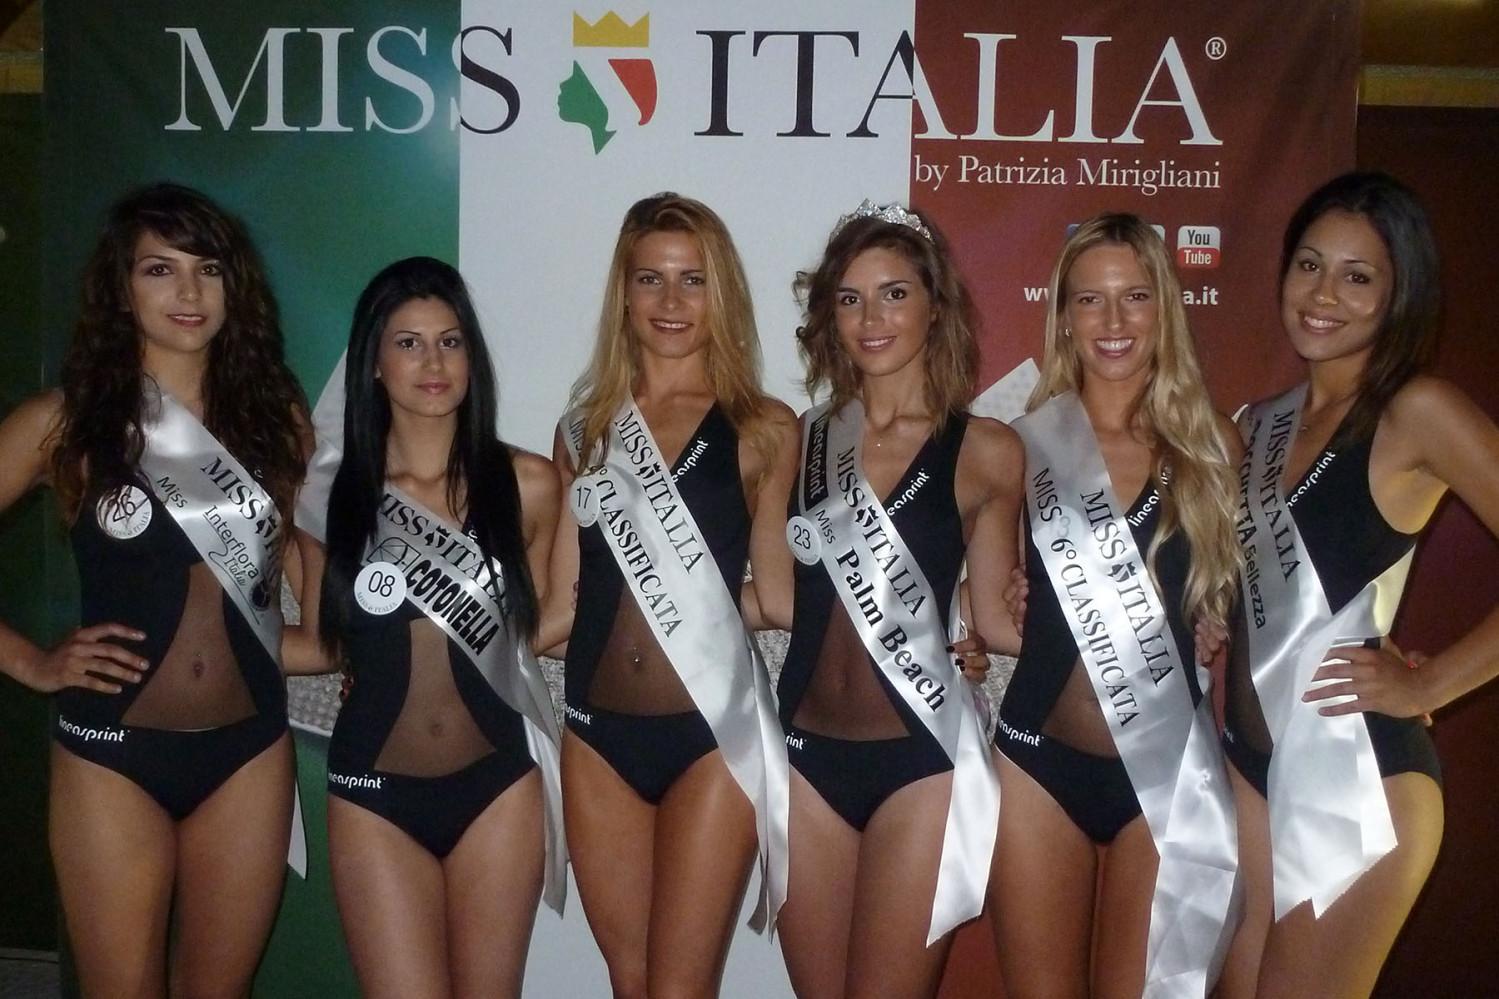 Arianna Amodeo, Giulia Rosa, Veronica Barbieri, Elisa Muriale, Martina Allasia, Miriam Galletto